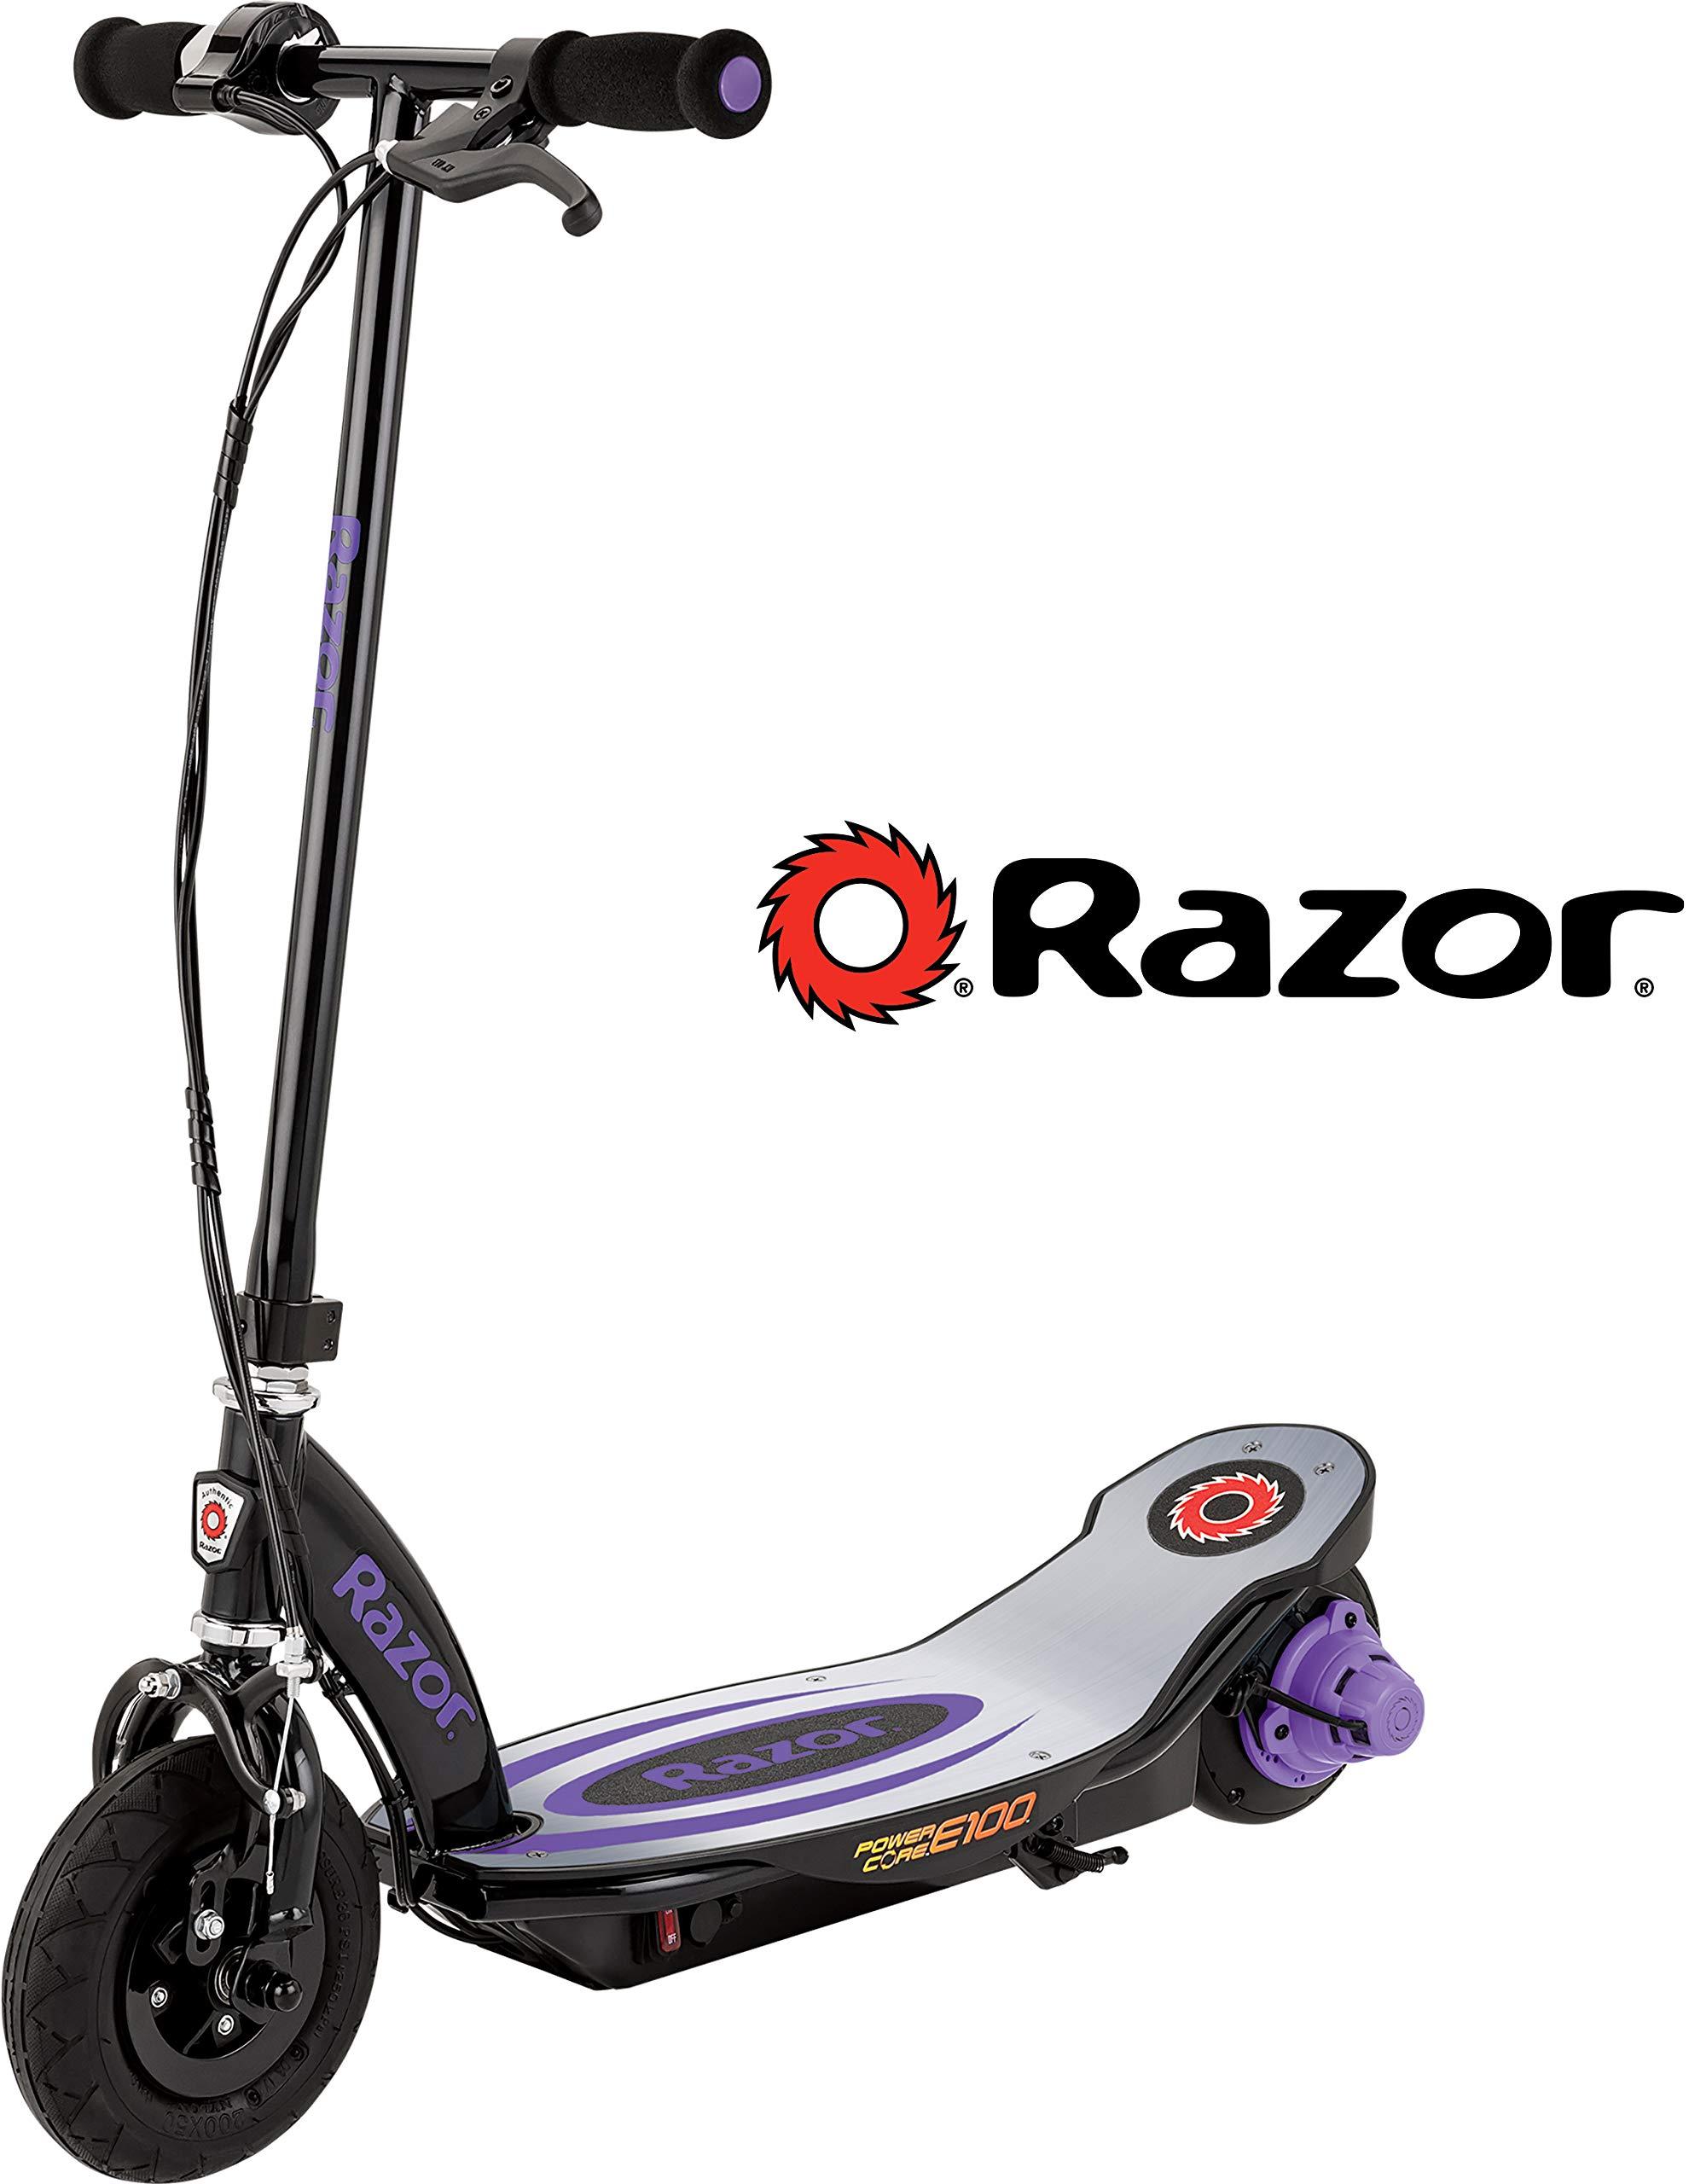 Razor Power Core E100 Electric Scooter - Aluminum